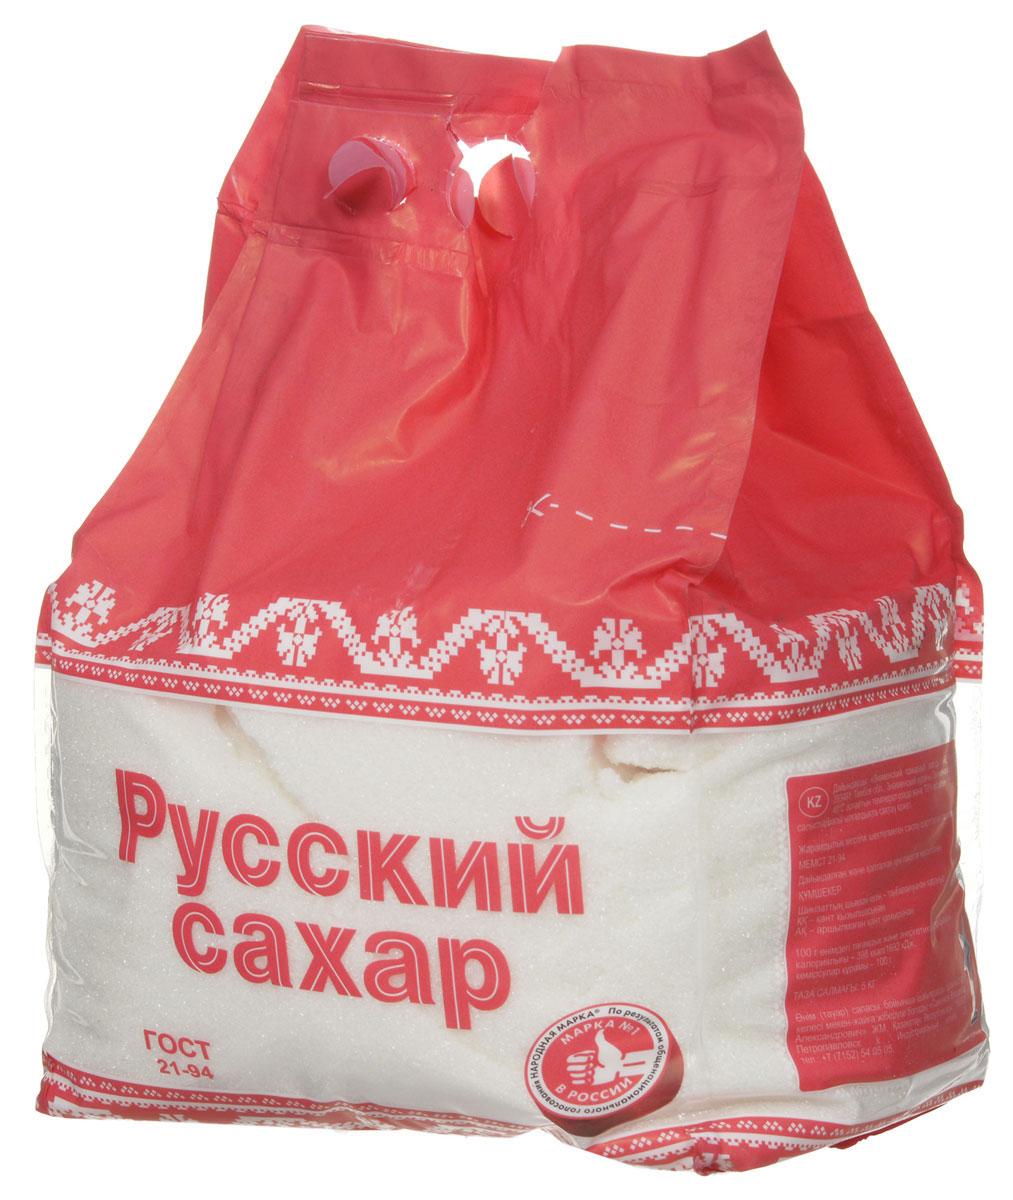 Русский сахар сахарный песок, 5 кг0120710Сахарный песок Русский сахар изготовлен из качественного сырья - сахарной свеклы. Отлично подойдет как ингредиент для приготовления пищи и ежедневного употребления с различными напитками.Уважаемые клиенты! Обращаем ваше внимание на то, что упаковка может иметь несколько видов дизайна. Поставка осуществляется в зависимости от наличия на складе.